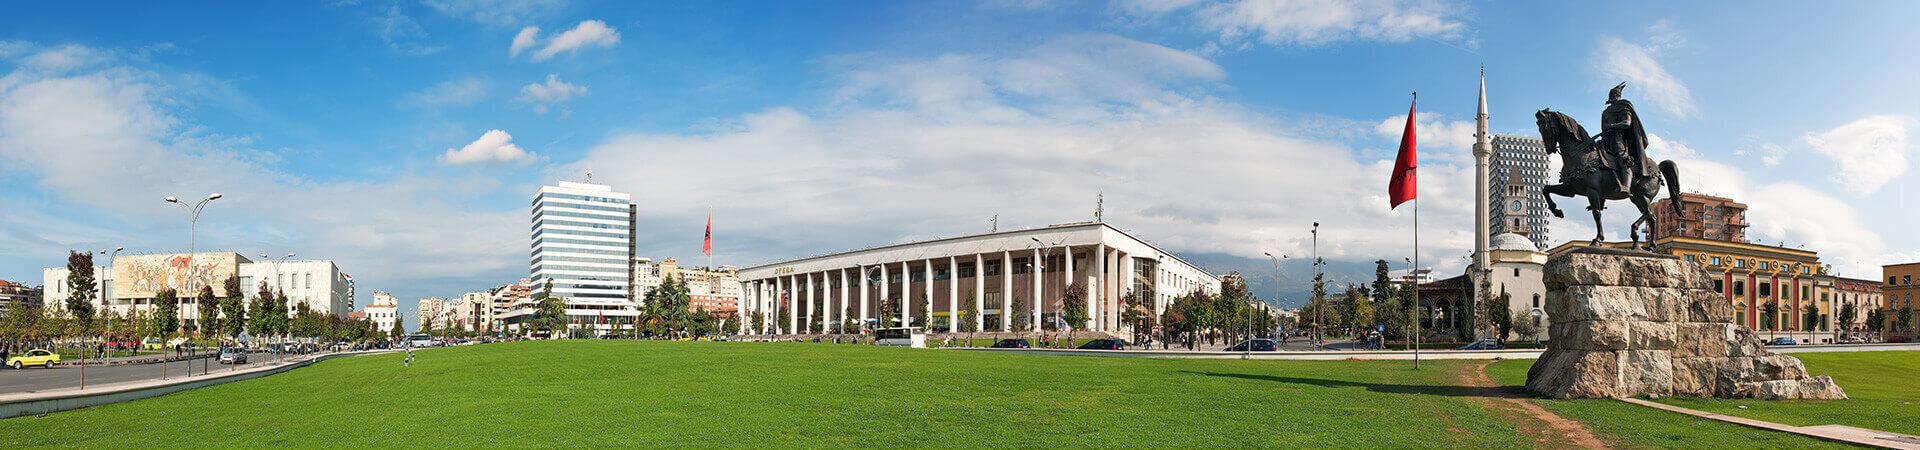 Skanderbeg-Platz in der Hauptstadt von Albanien Tirana